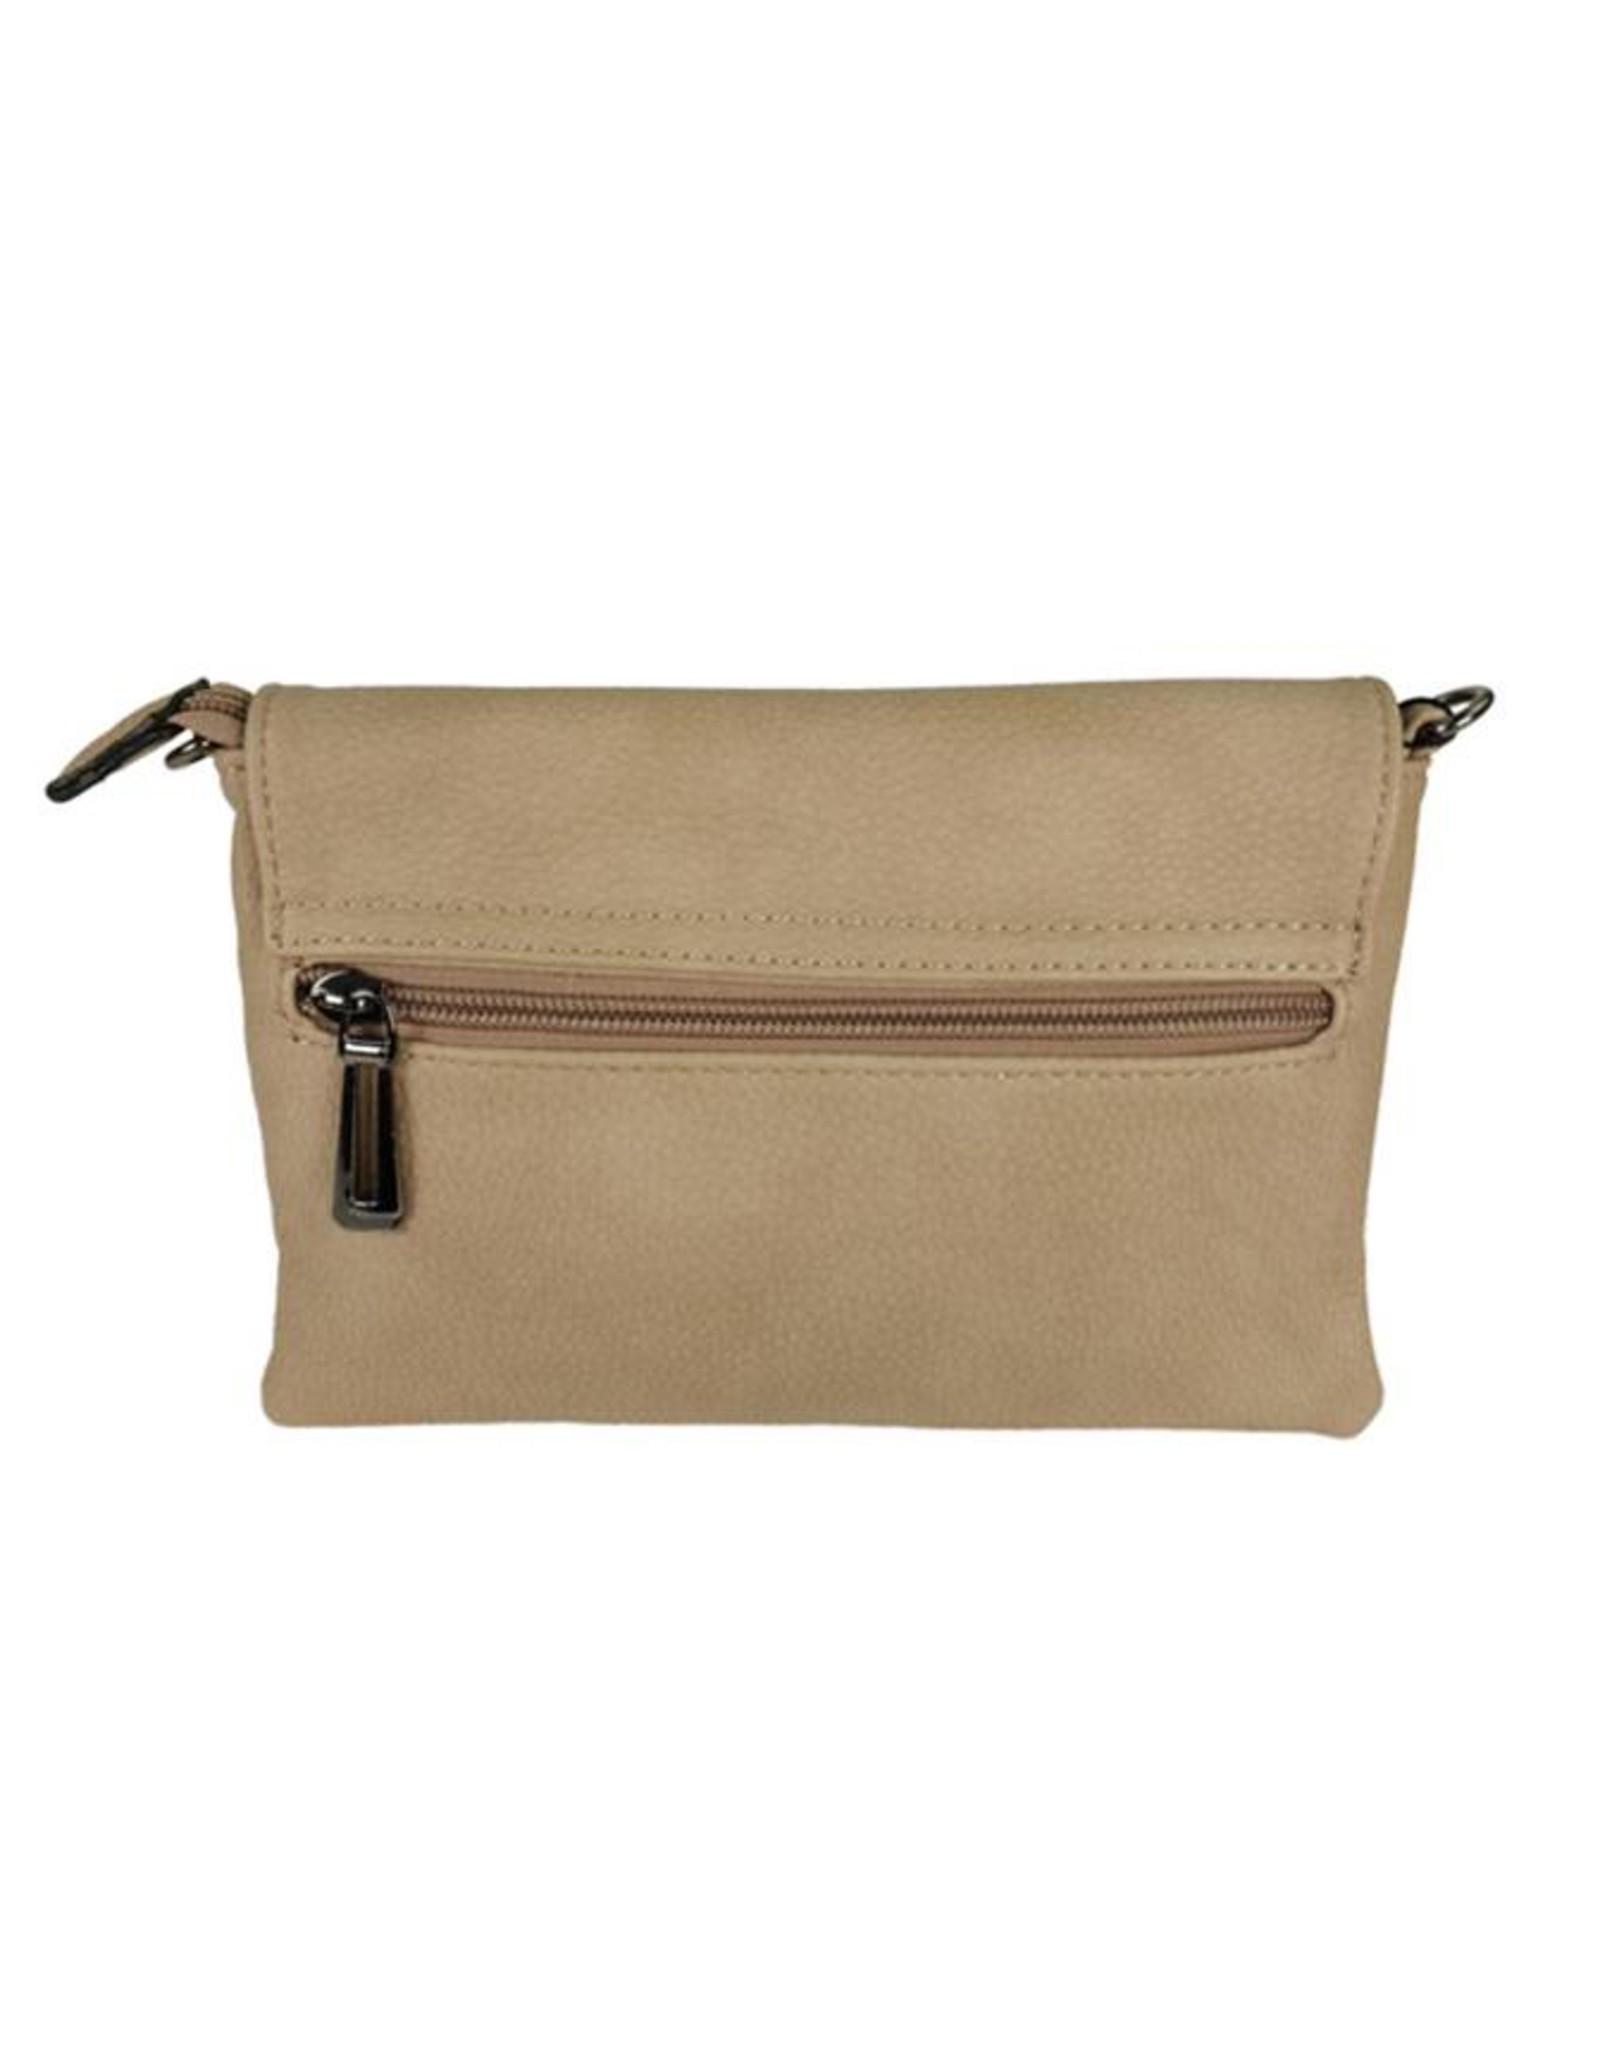 Handtasje/clutch beige